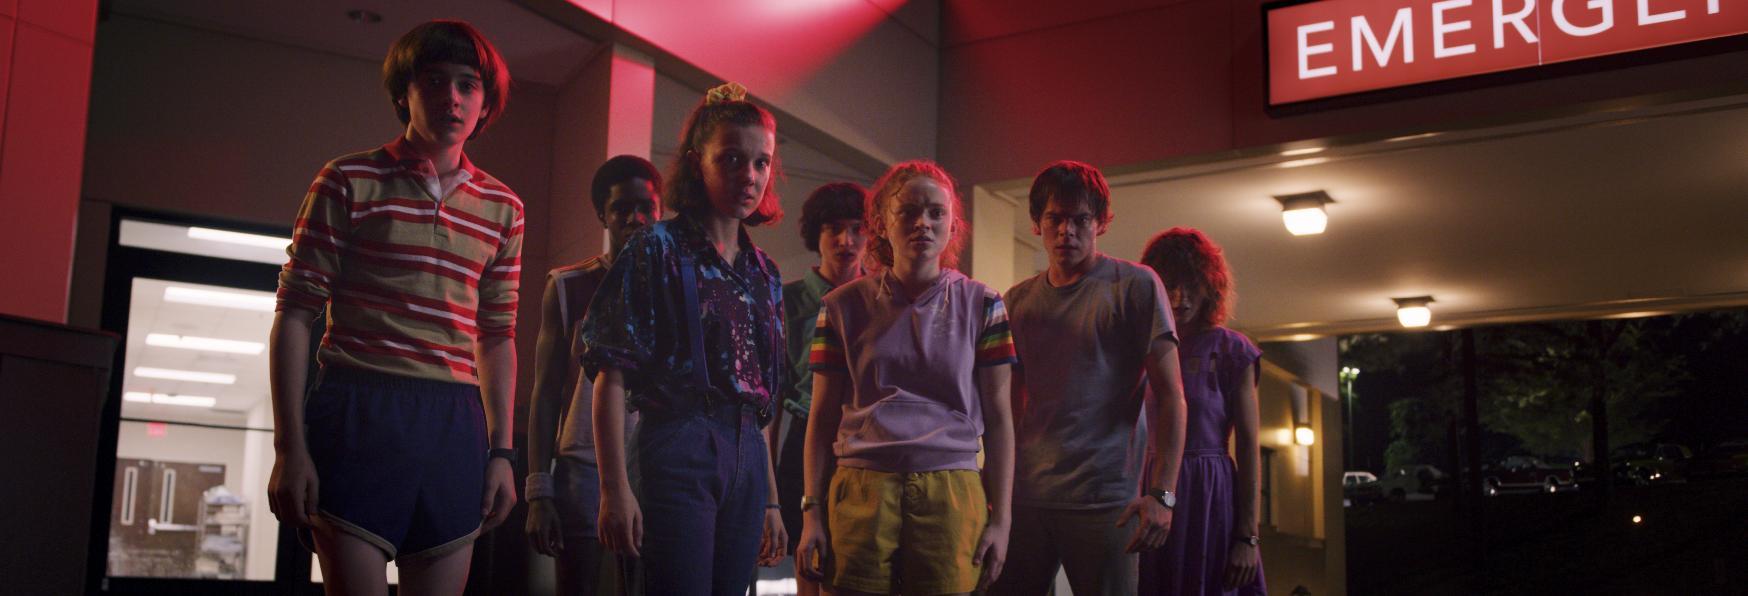 Stranger Things: il Poster rilasciato da Netflix e le Informazioni Note della 3° Stagione